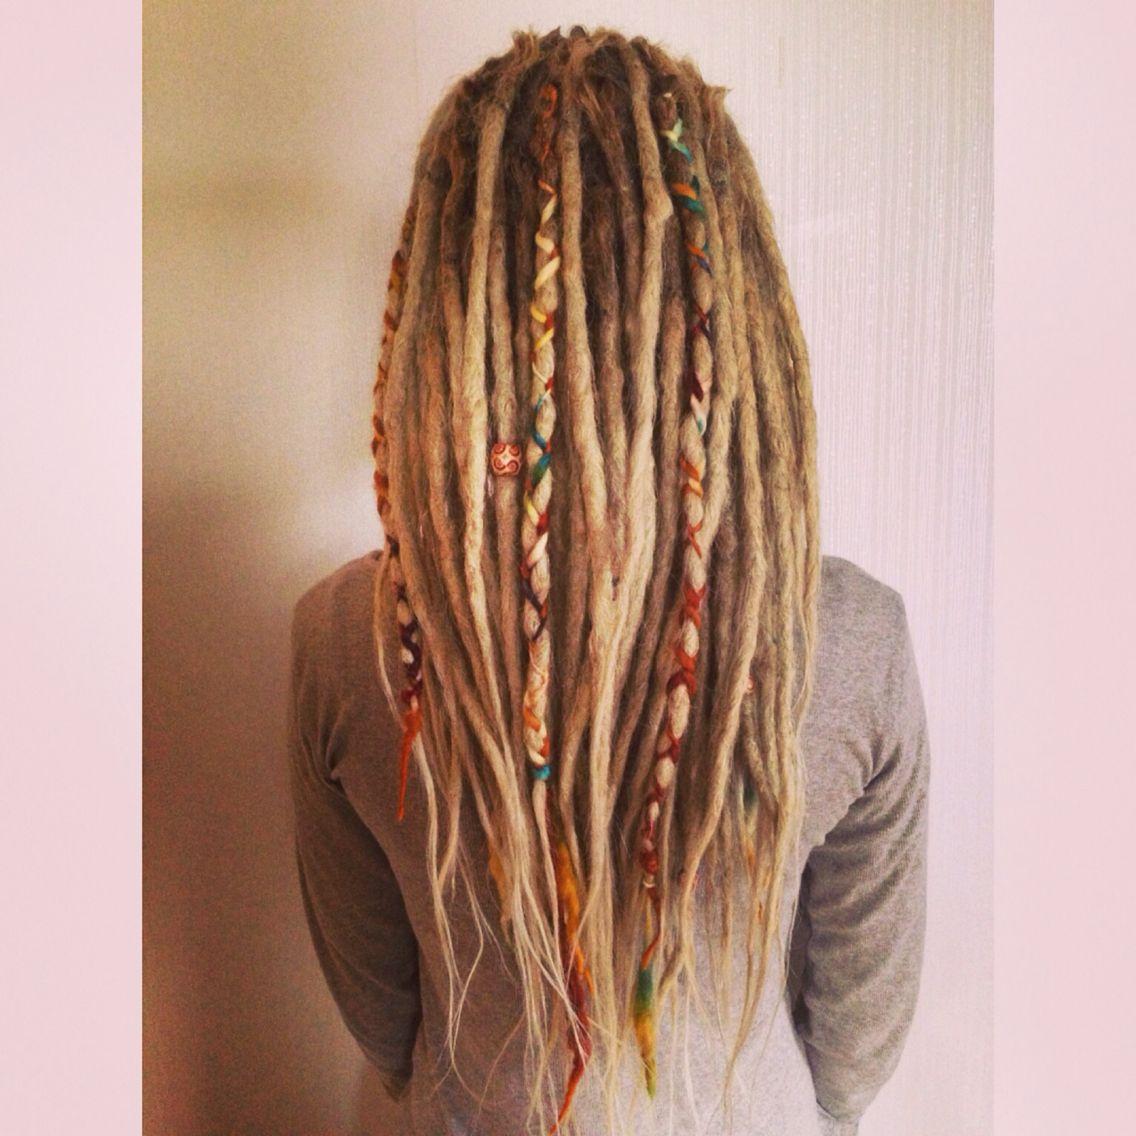 Yarn Braids And Natural Hair